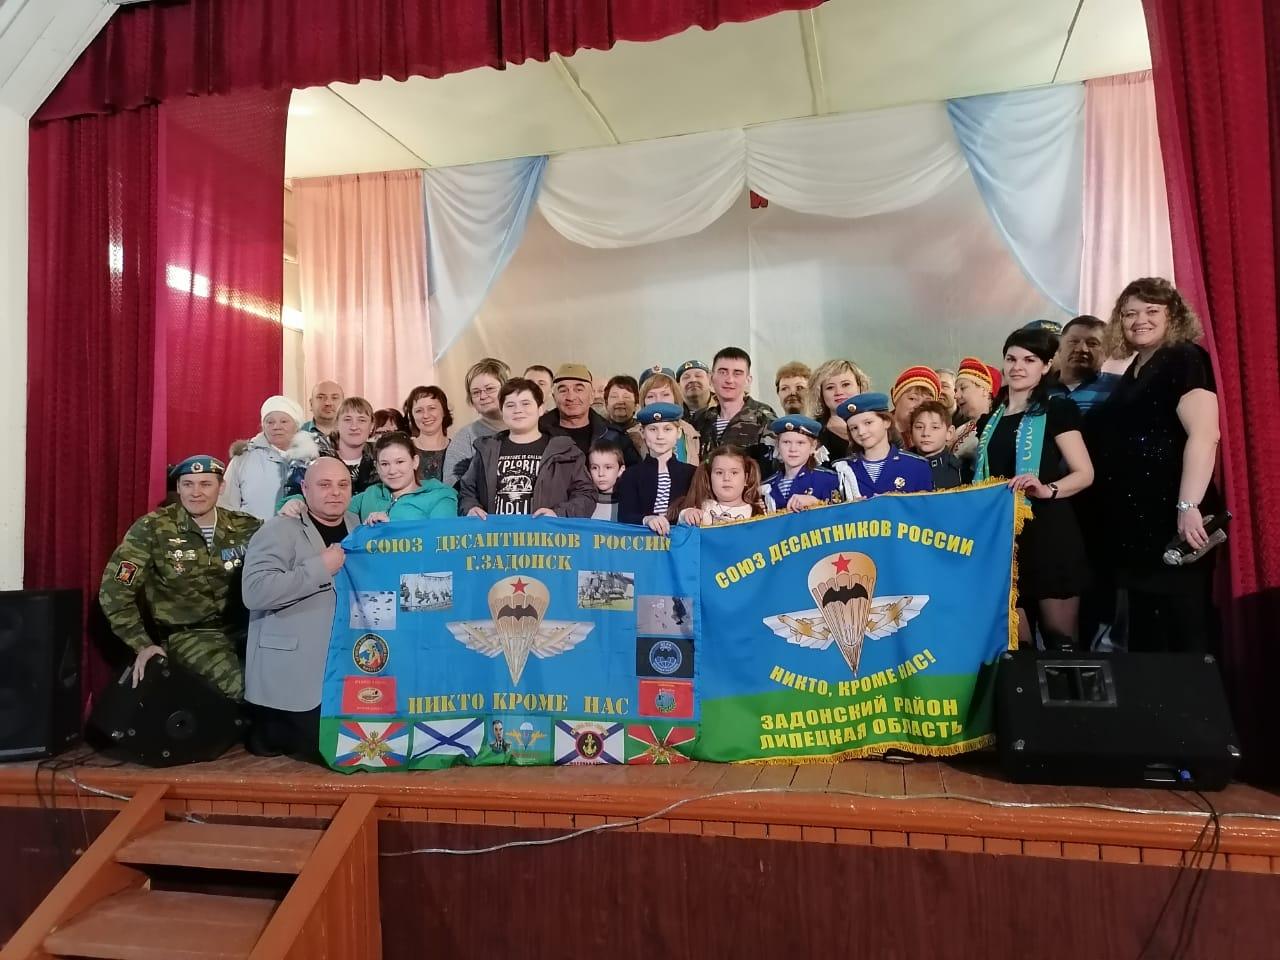 Дружеский концерт в с. Яблоново